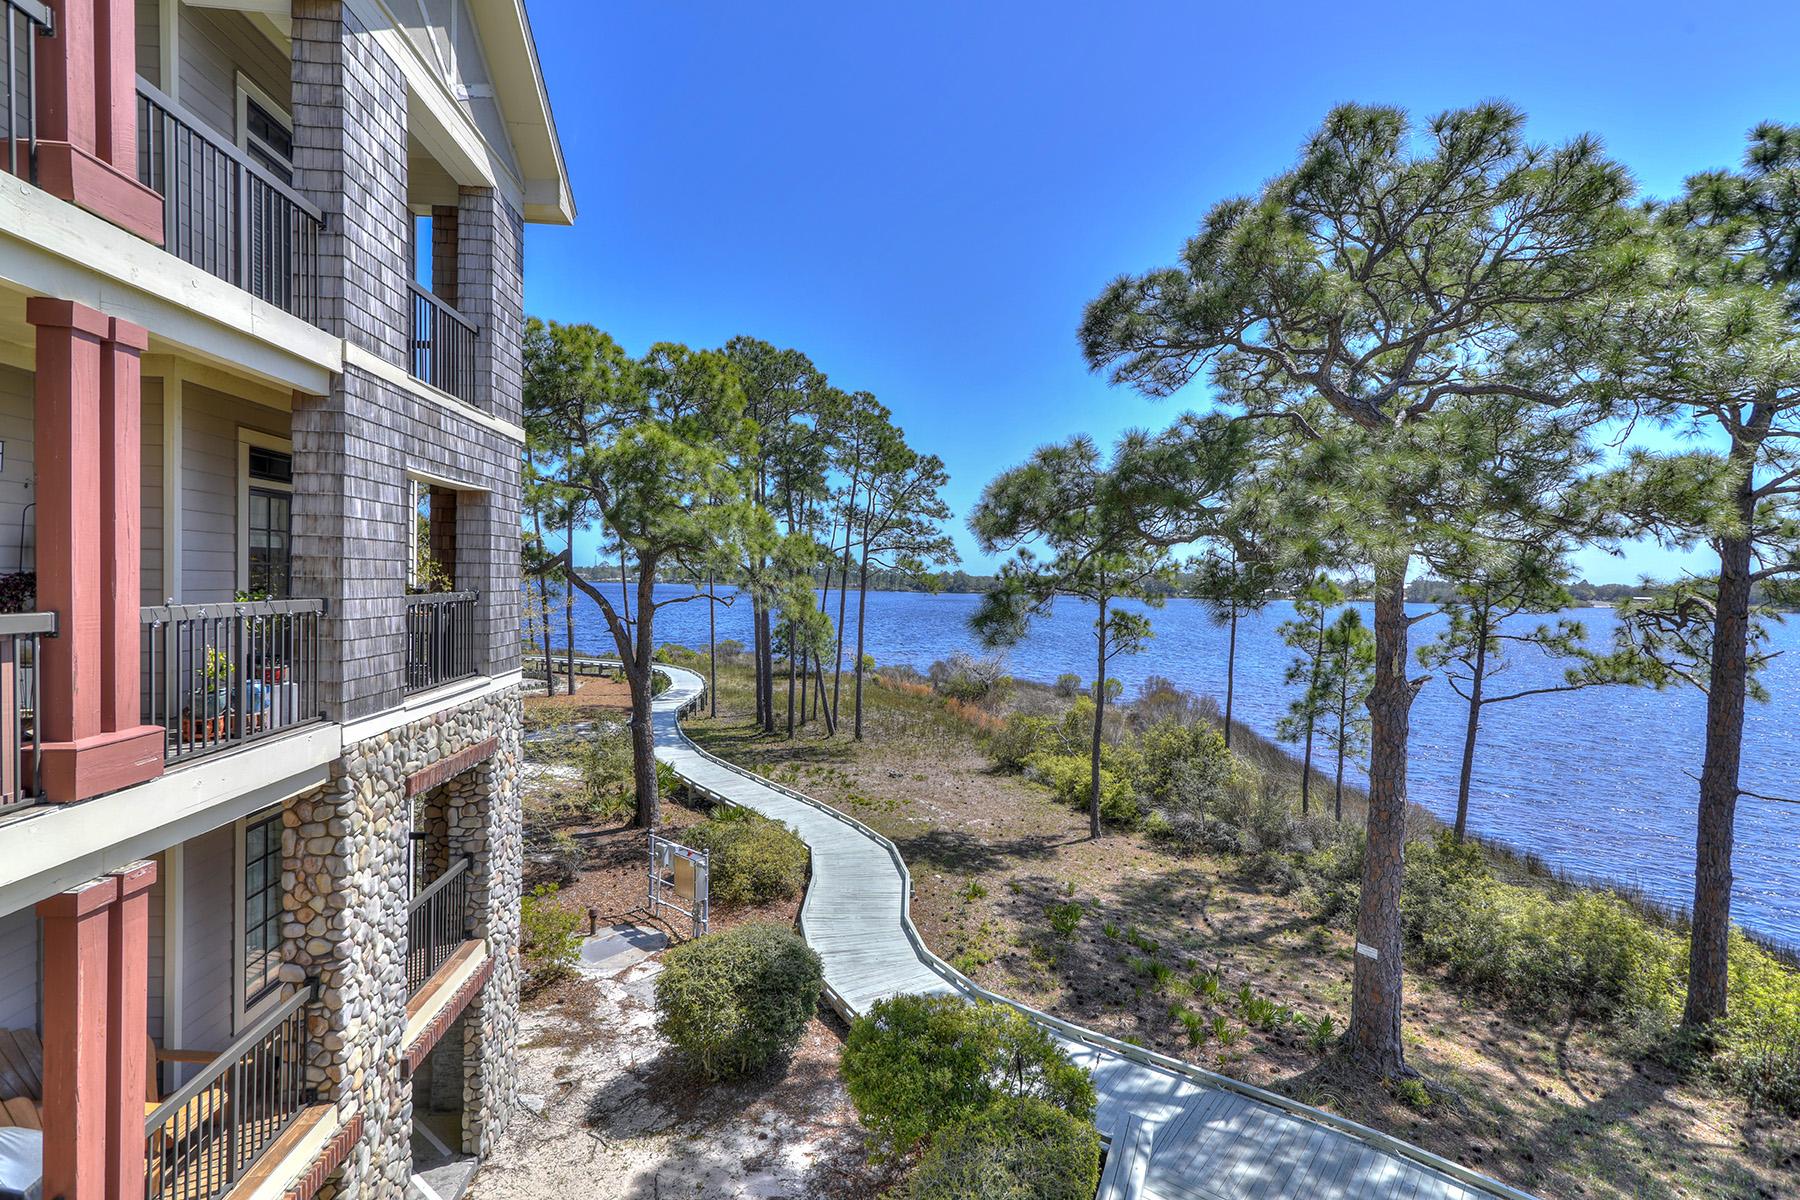 共管式独立产权公寓 为 销售 在 Spacious Condo in Gated Neighborhood with Stunning Water Views 1101 Prospect Promenade 202, 巴拿马城海滩, 佛罗里达州, 32413 美国